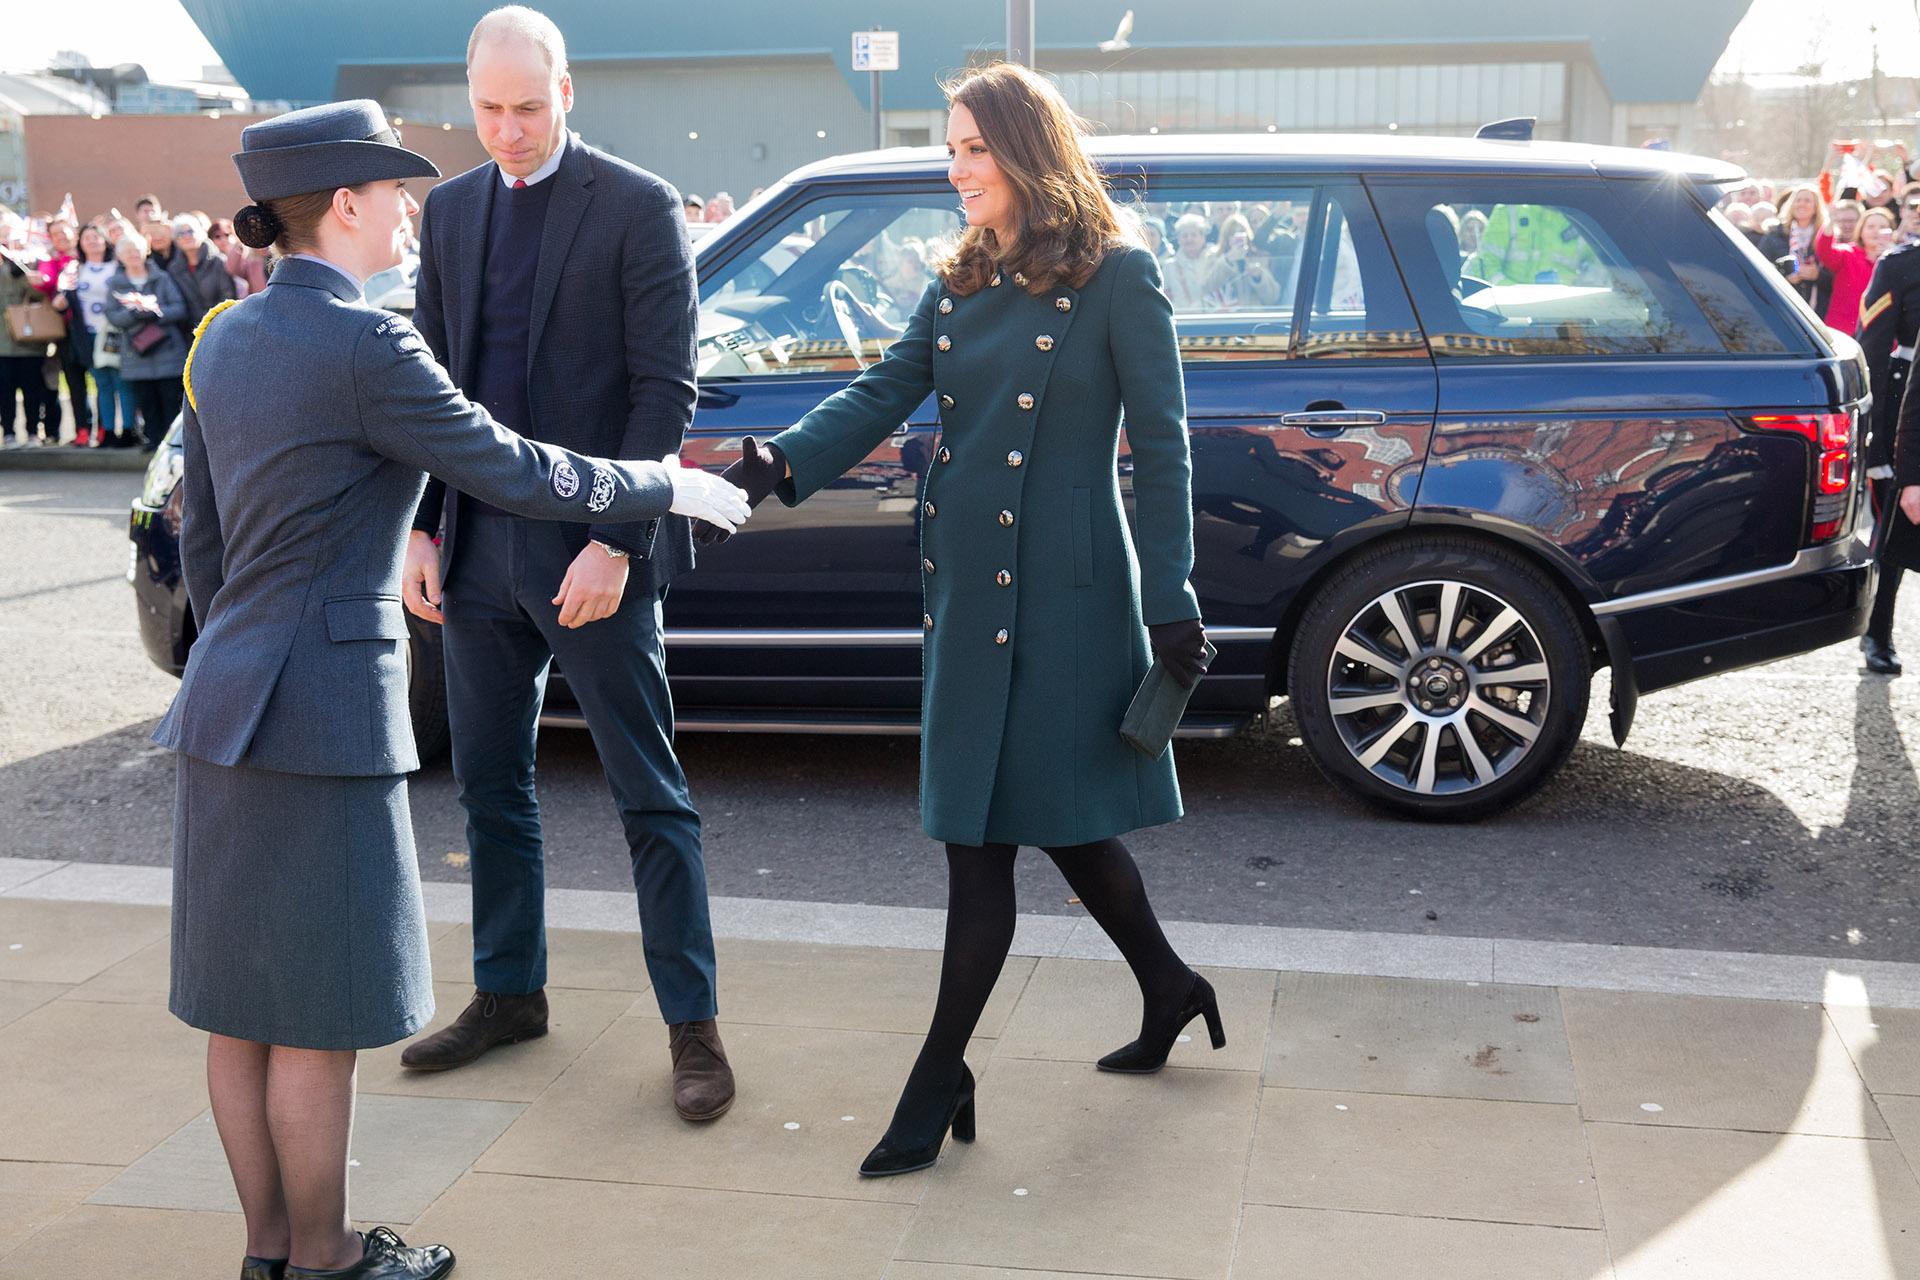 La llegada de Catalina de Cambridge y Guillermo de Inglaterra a The Fire Station, en Sunderland, al noroeste de Inglaterra